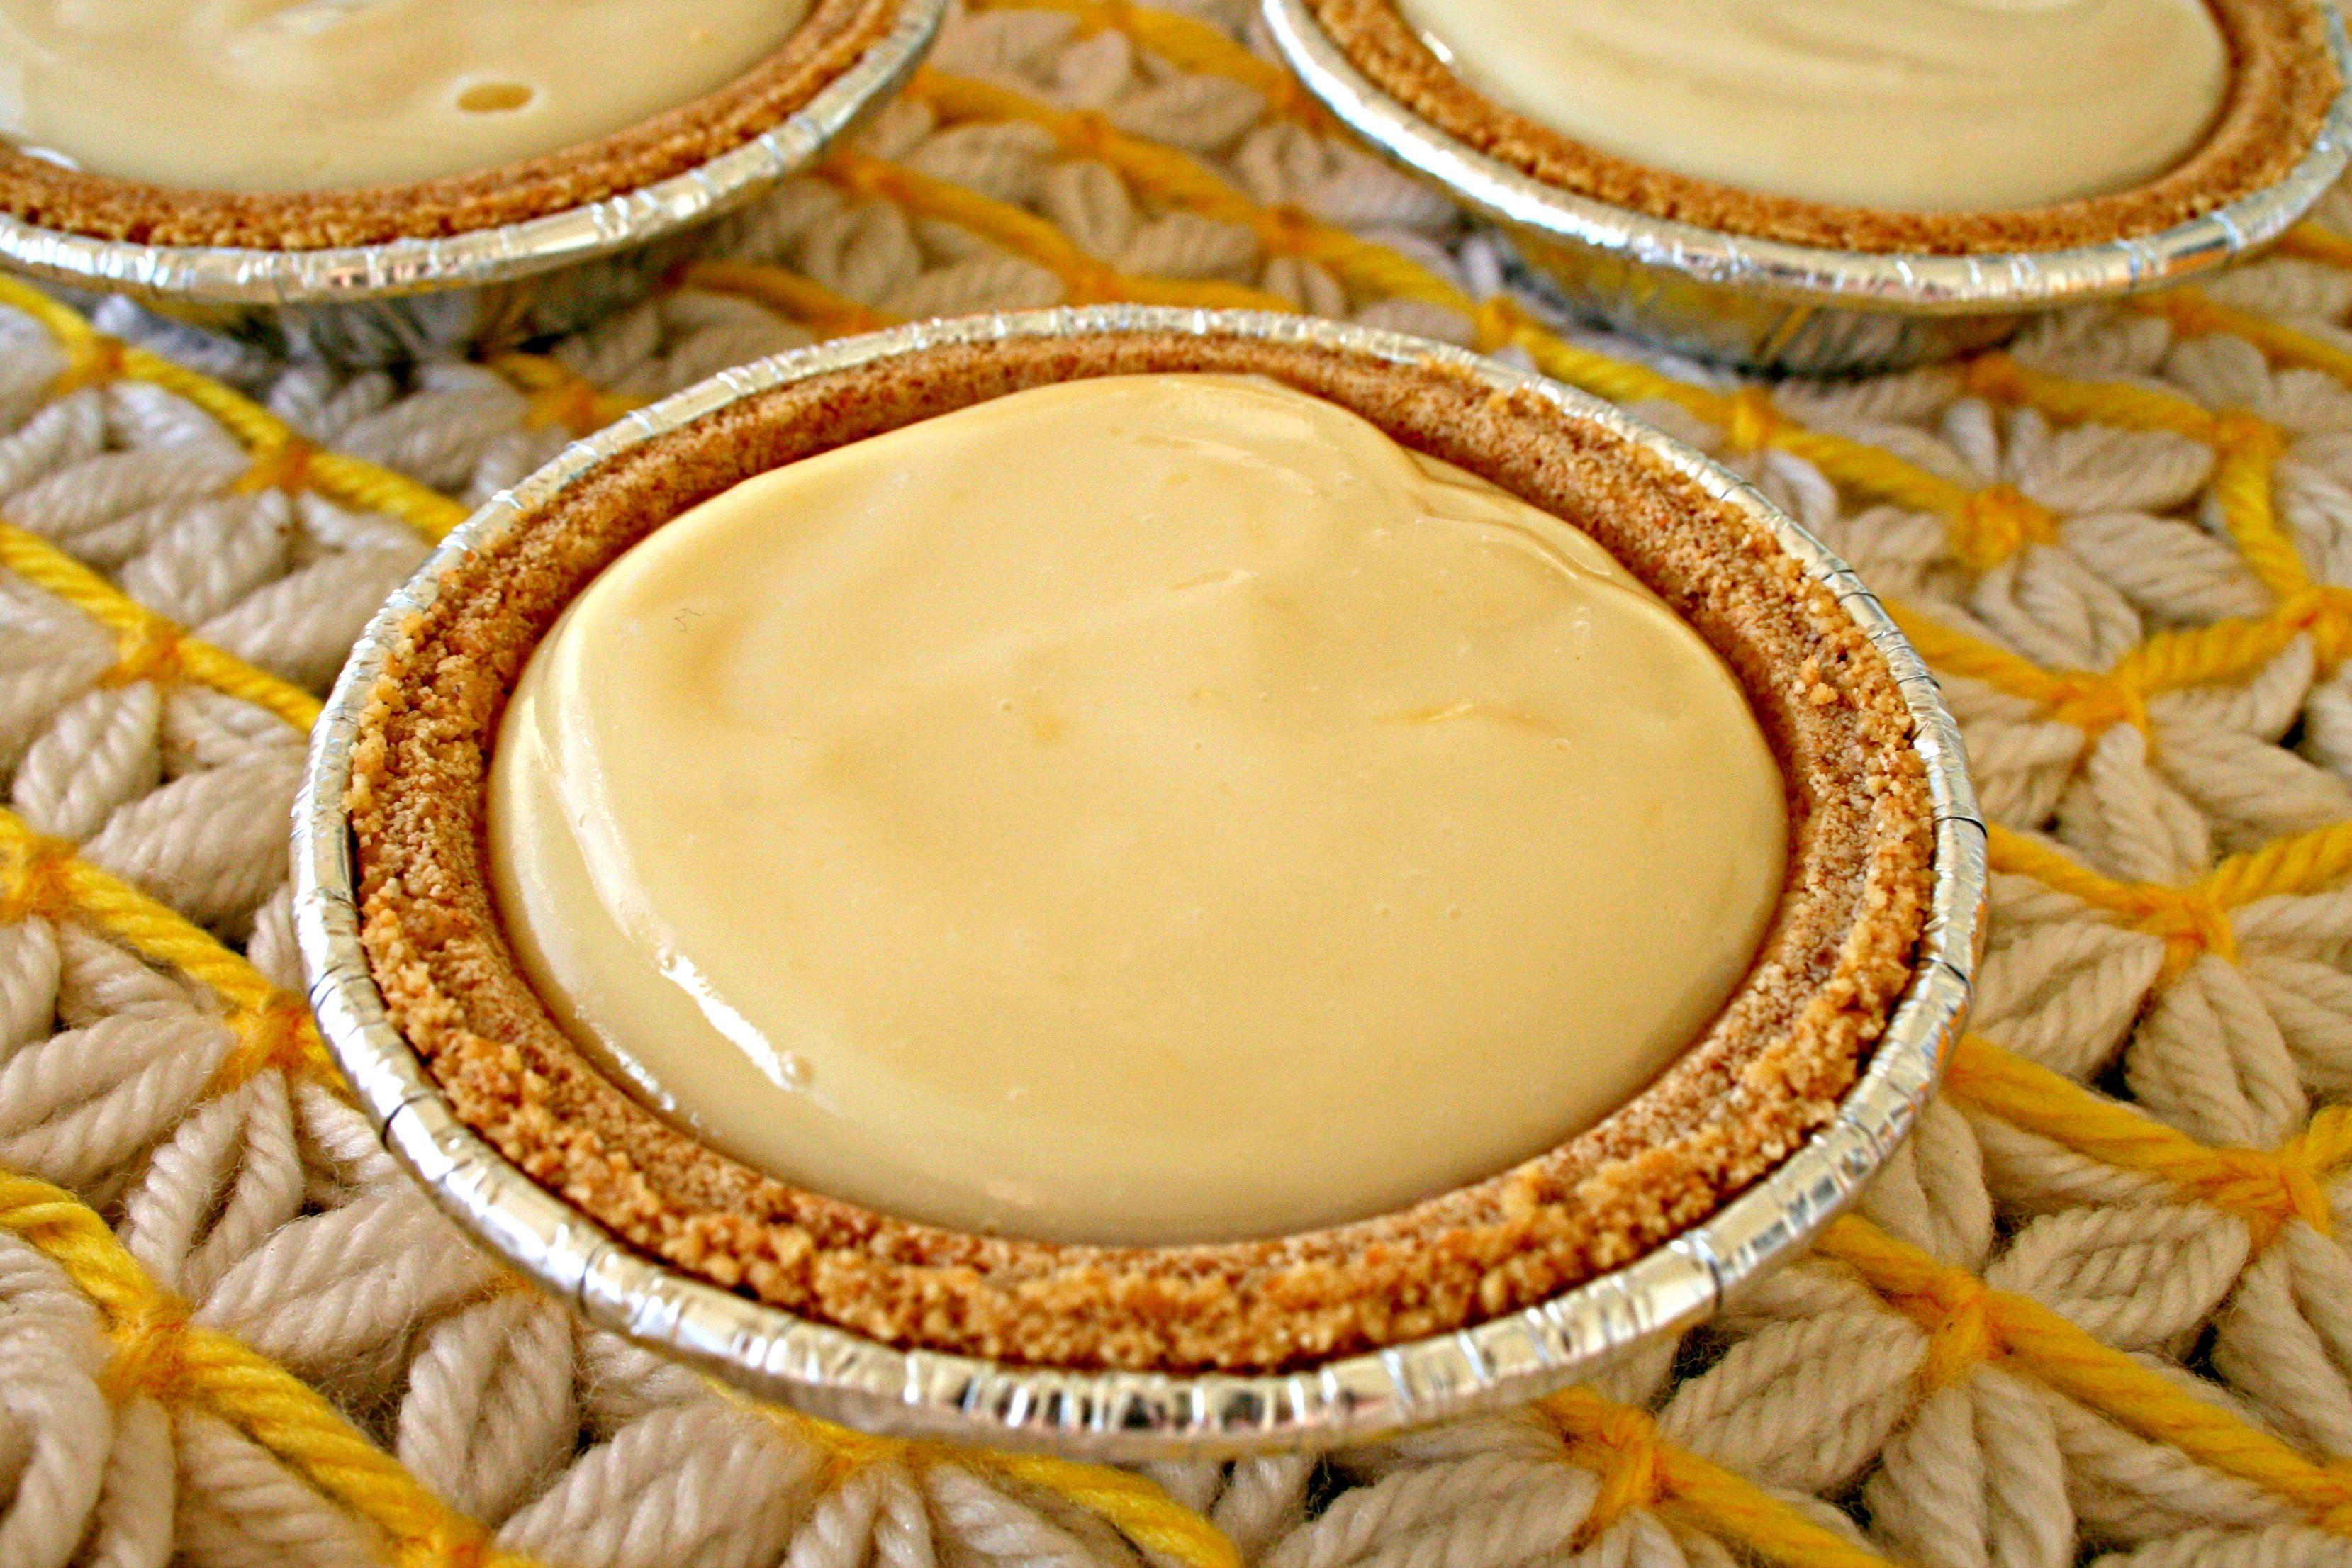 Meyer Lemon Pie No Bake And 2 Ingredients Eat At Home Recipe No Bake Lemon Pie Lemon Pie Lemon Recipes